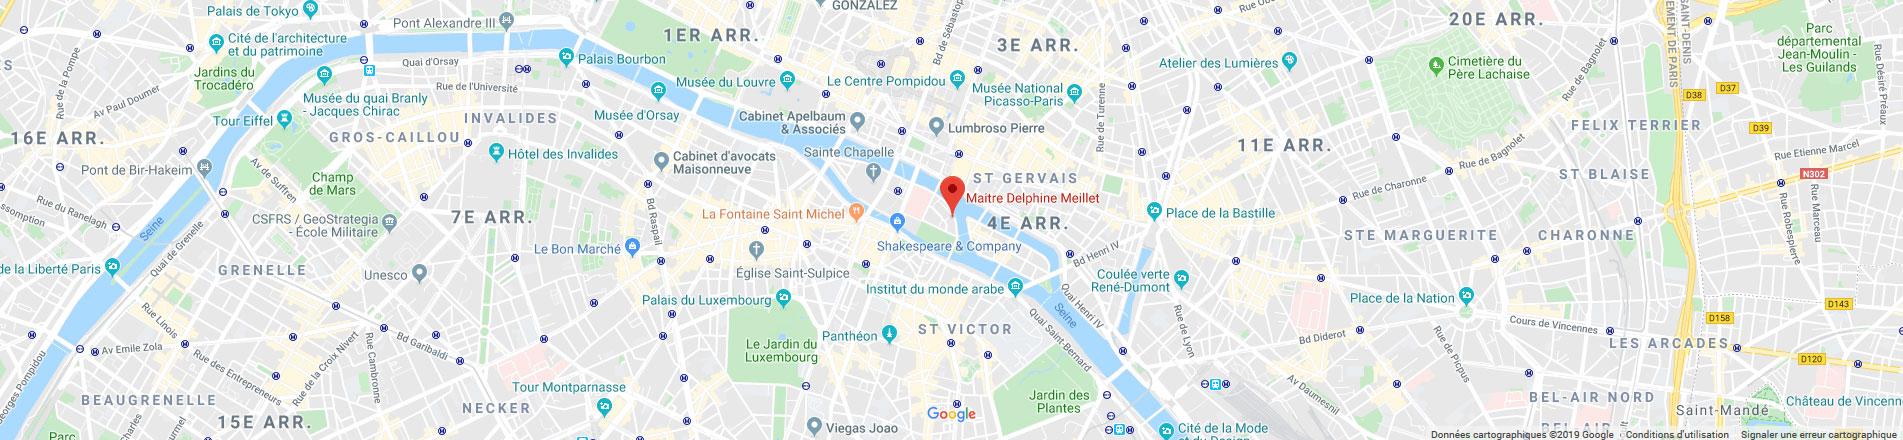 Google Map - Cabinet Meillet - 7 quai aux Fleurs Paris